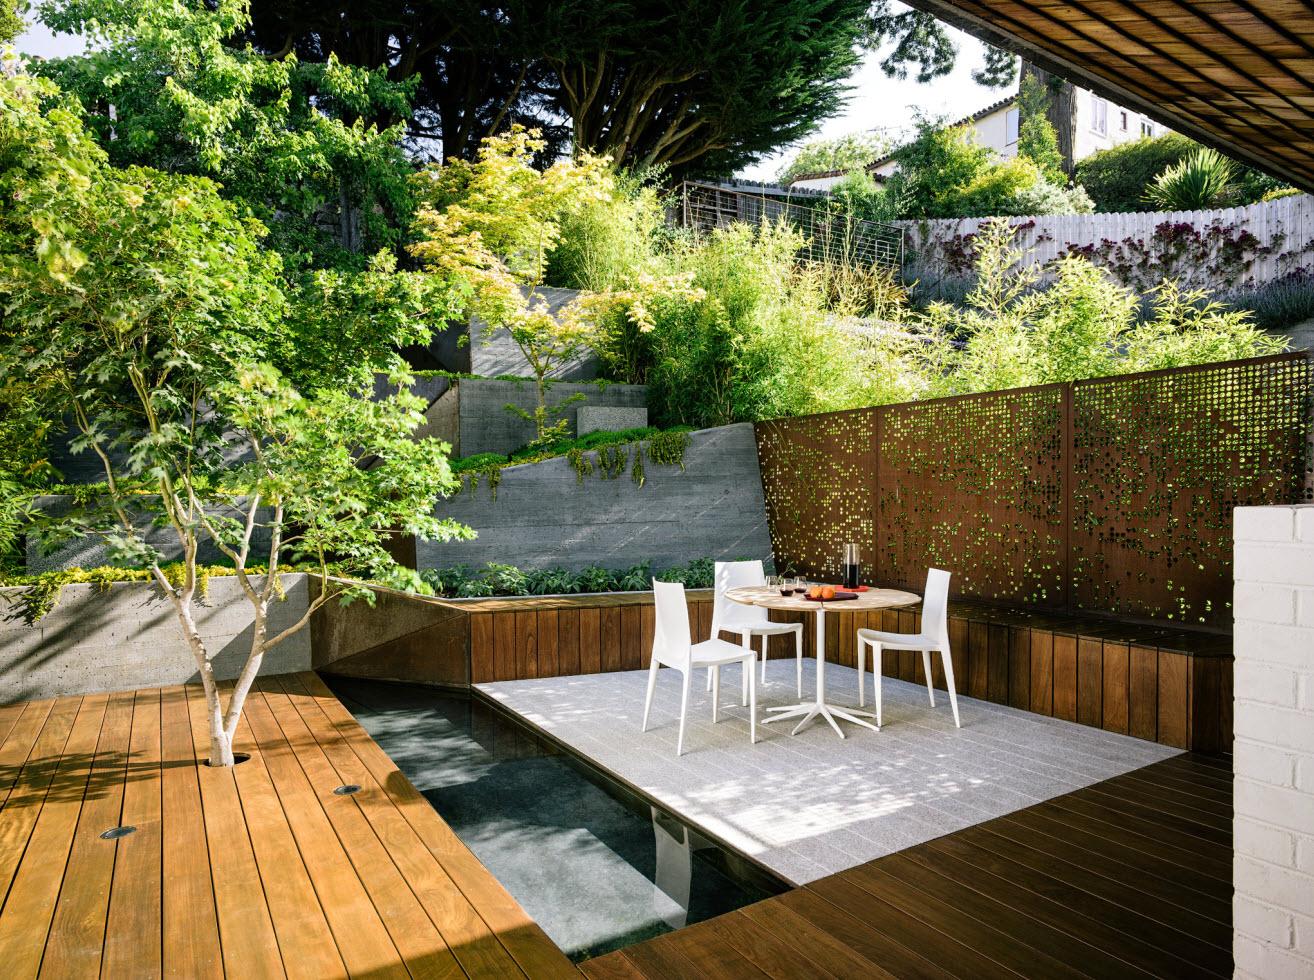 Hilgard-Garden-just3ds.com-8